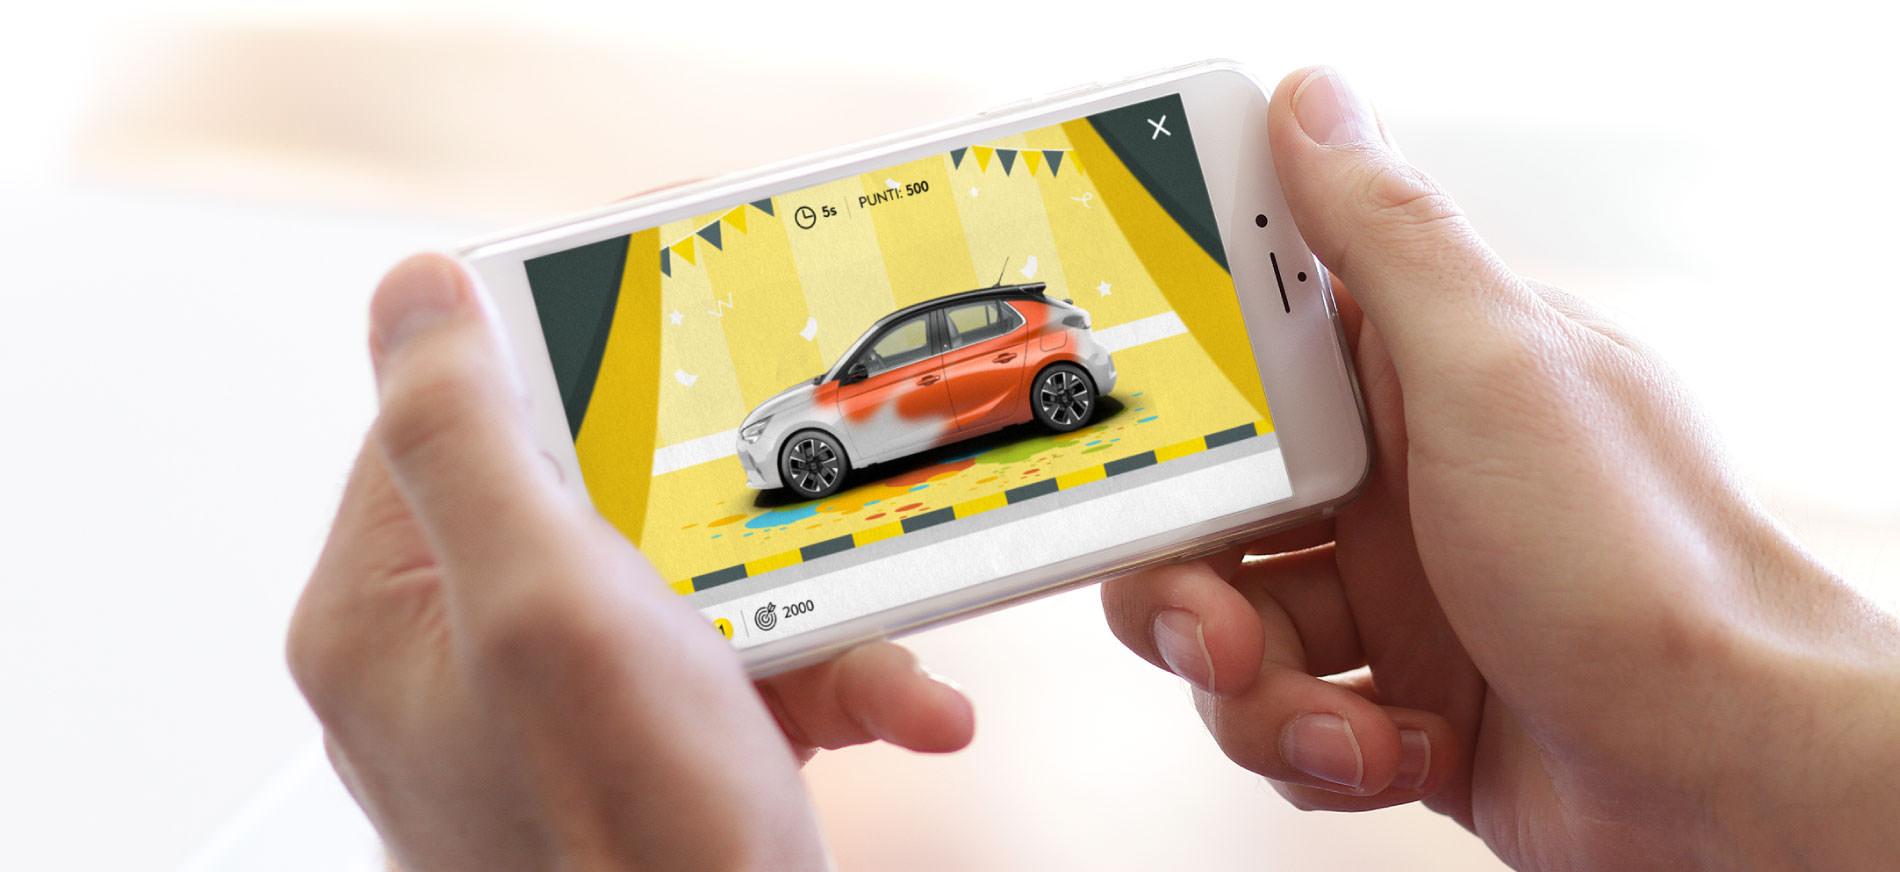 Cancelli aperti per App Corsaland: la città dei giochi targata Opel 2